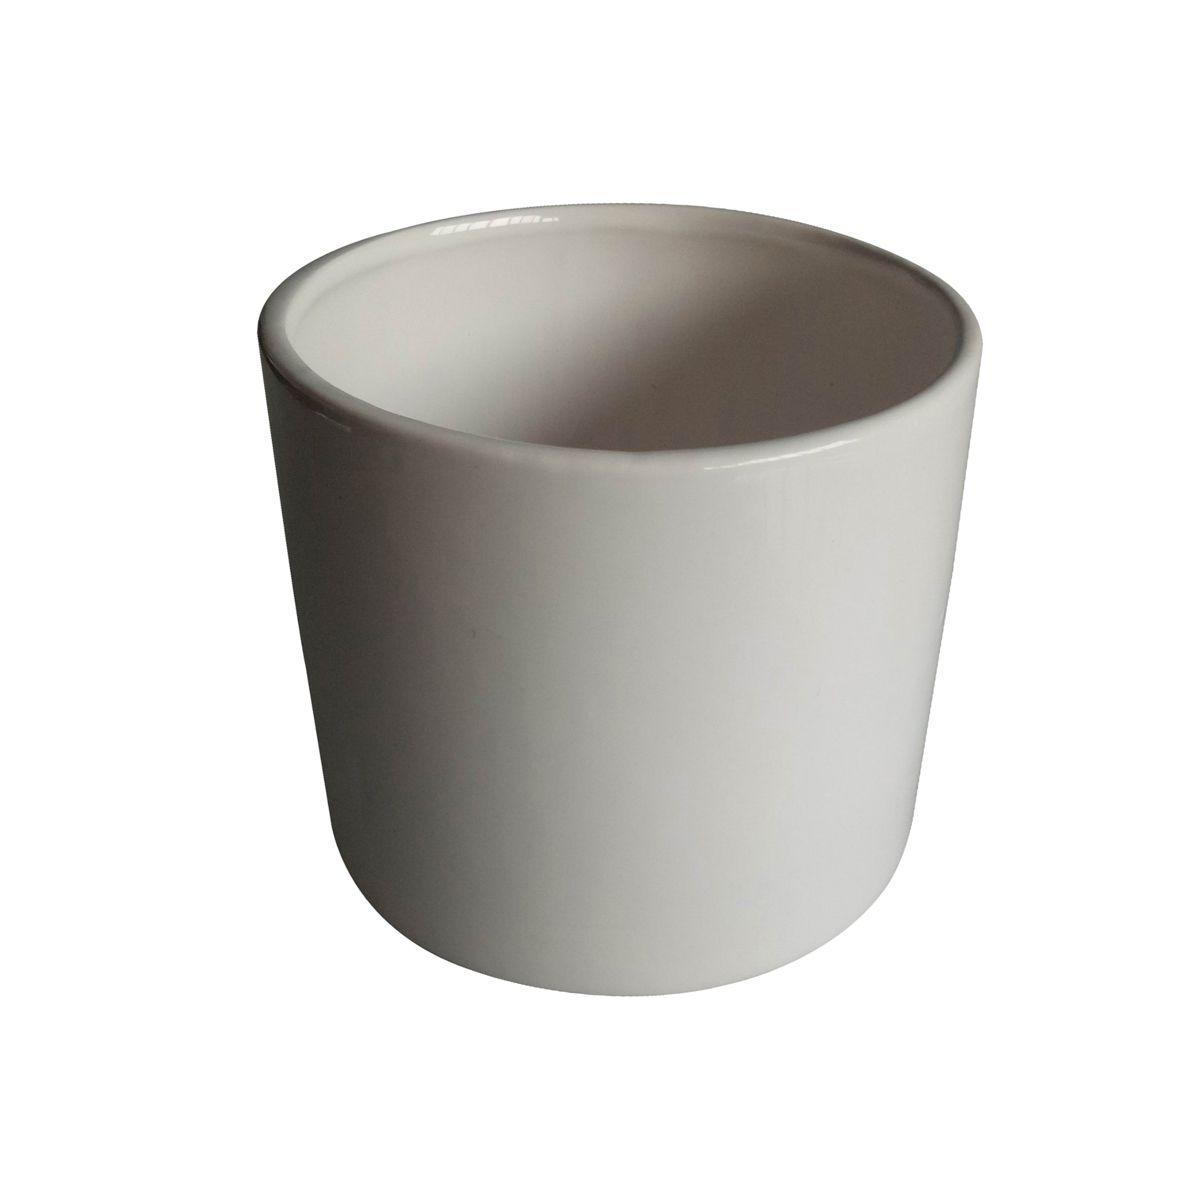 Cachepô de Cerâmica Redondo Basics Branco 6,5cm x 7,5cm - 44081